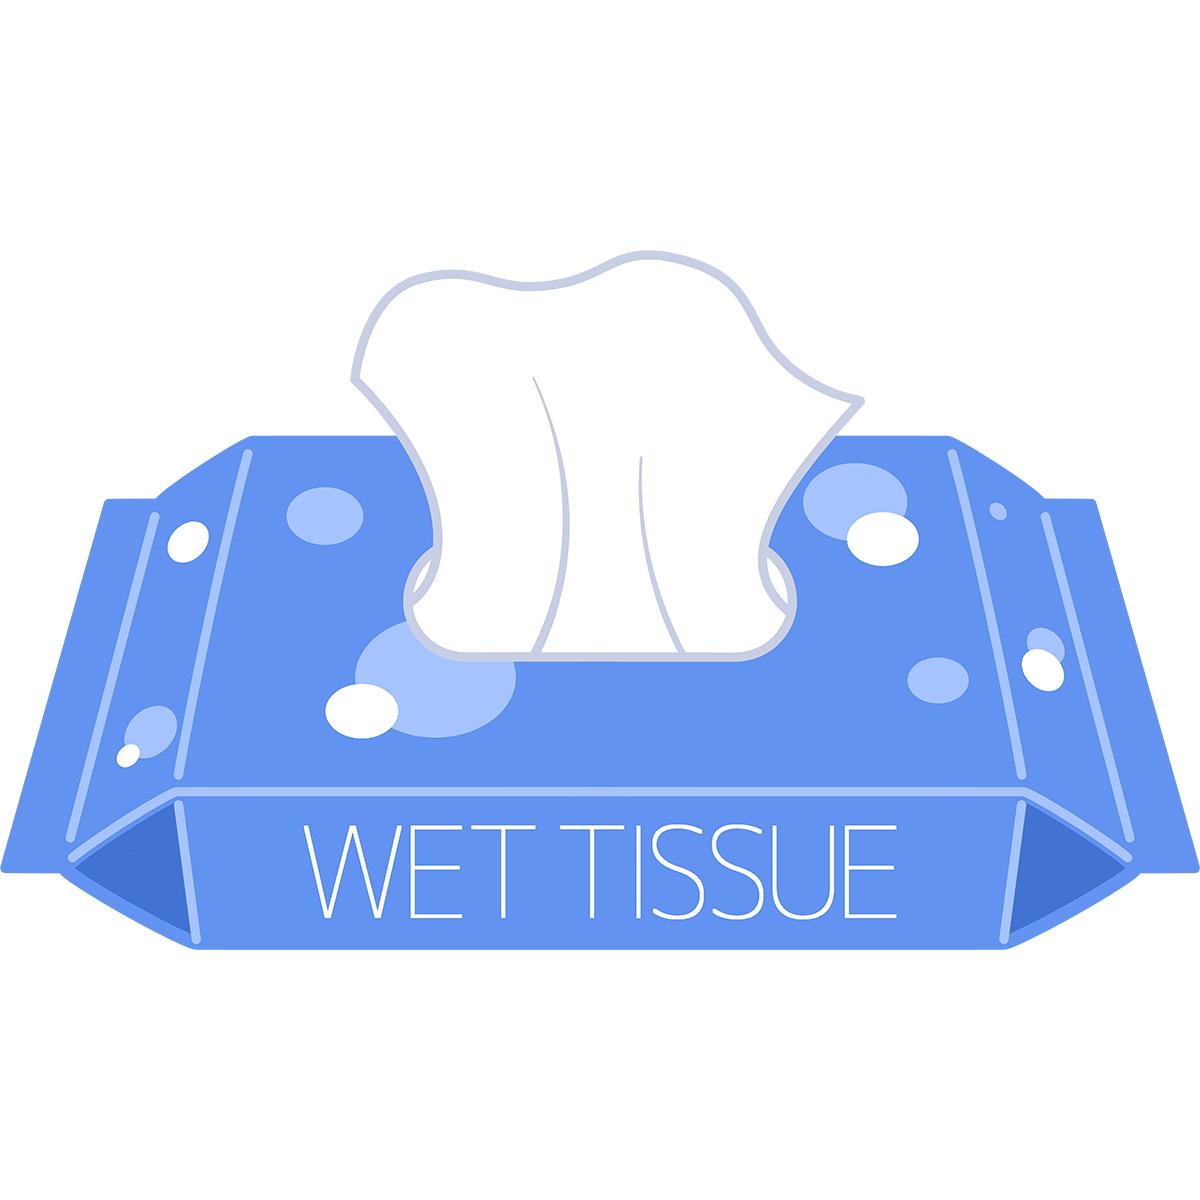 ウエットティッシュの無料イラスト